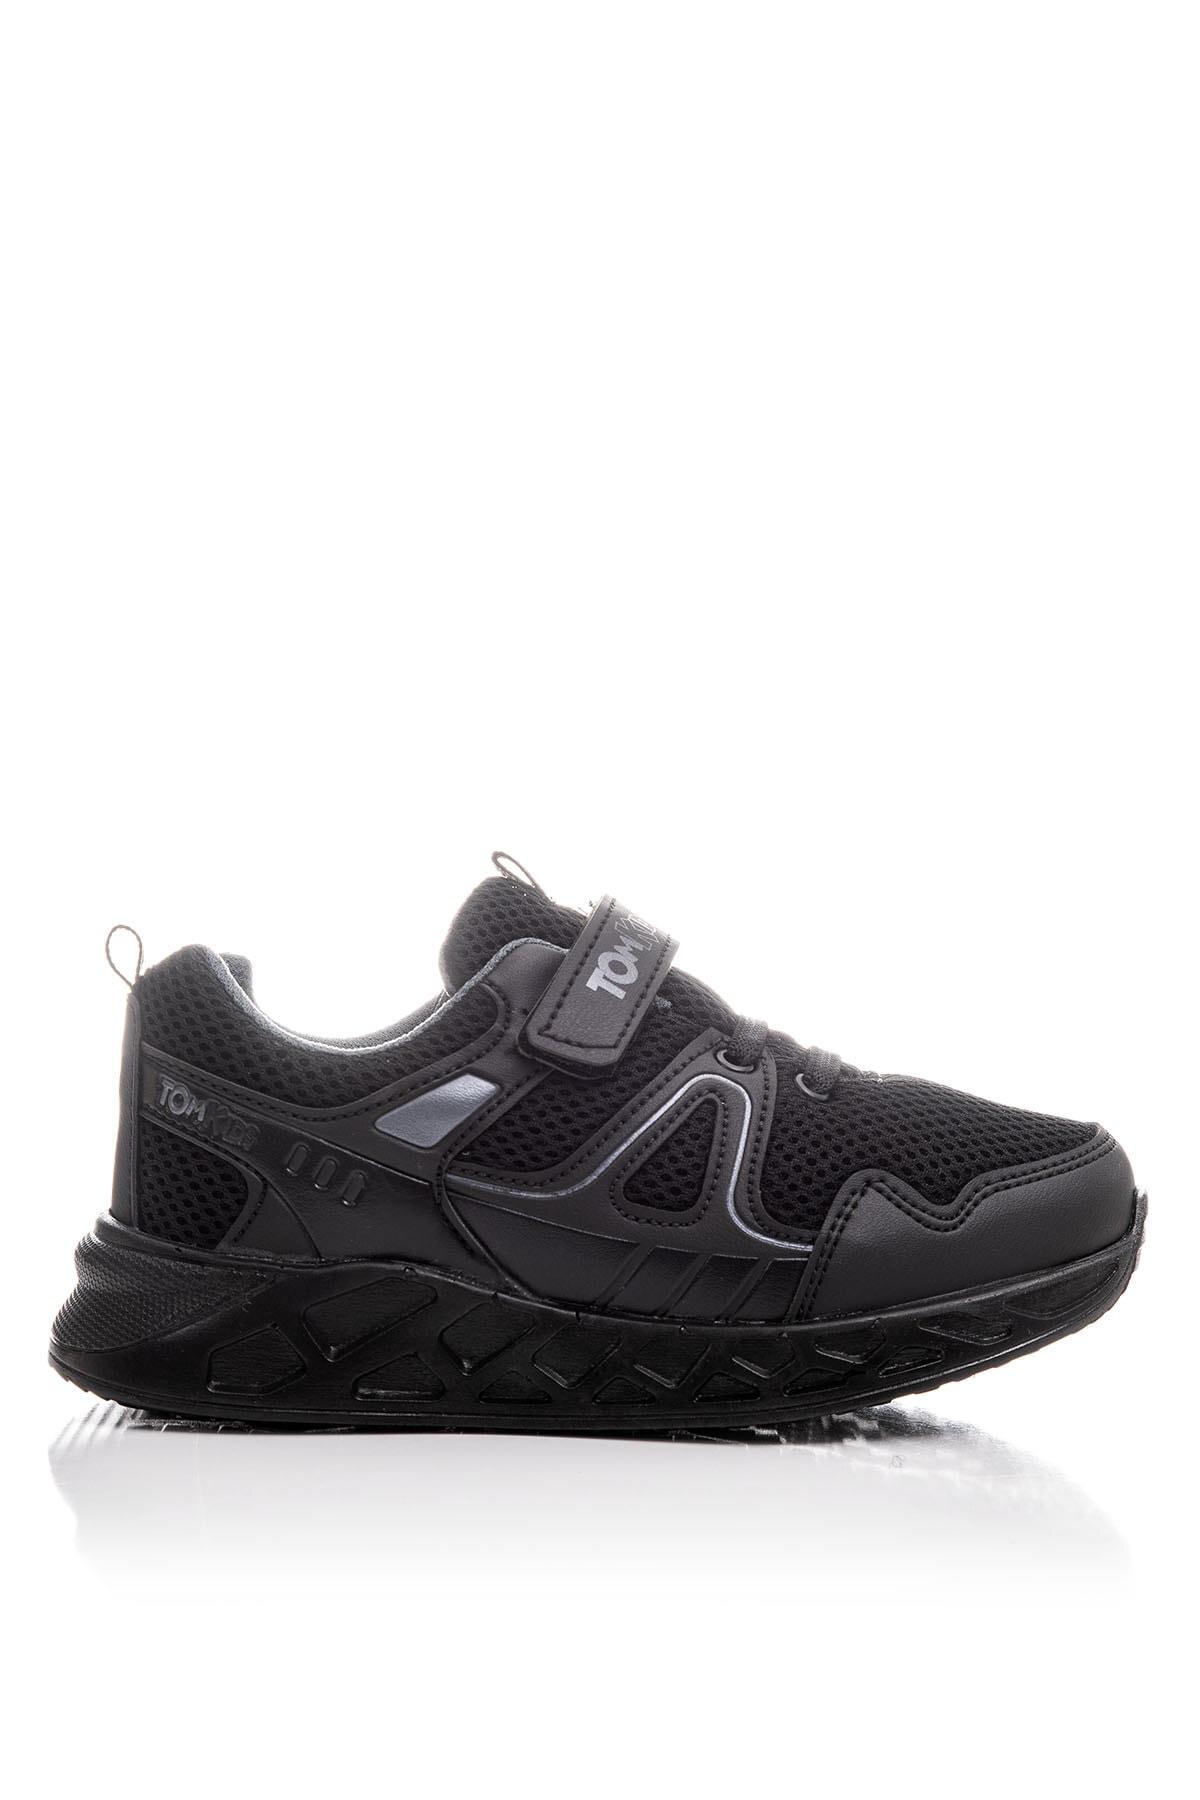 Tonny Black Unisex Çocuk Siyah Spor Ayakkabı TB3401-3 2